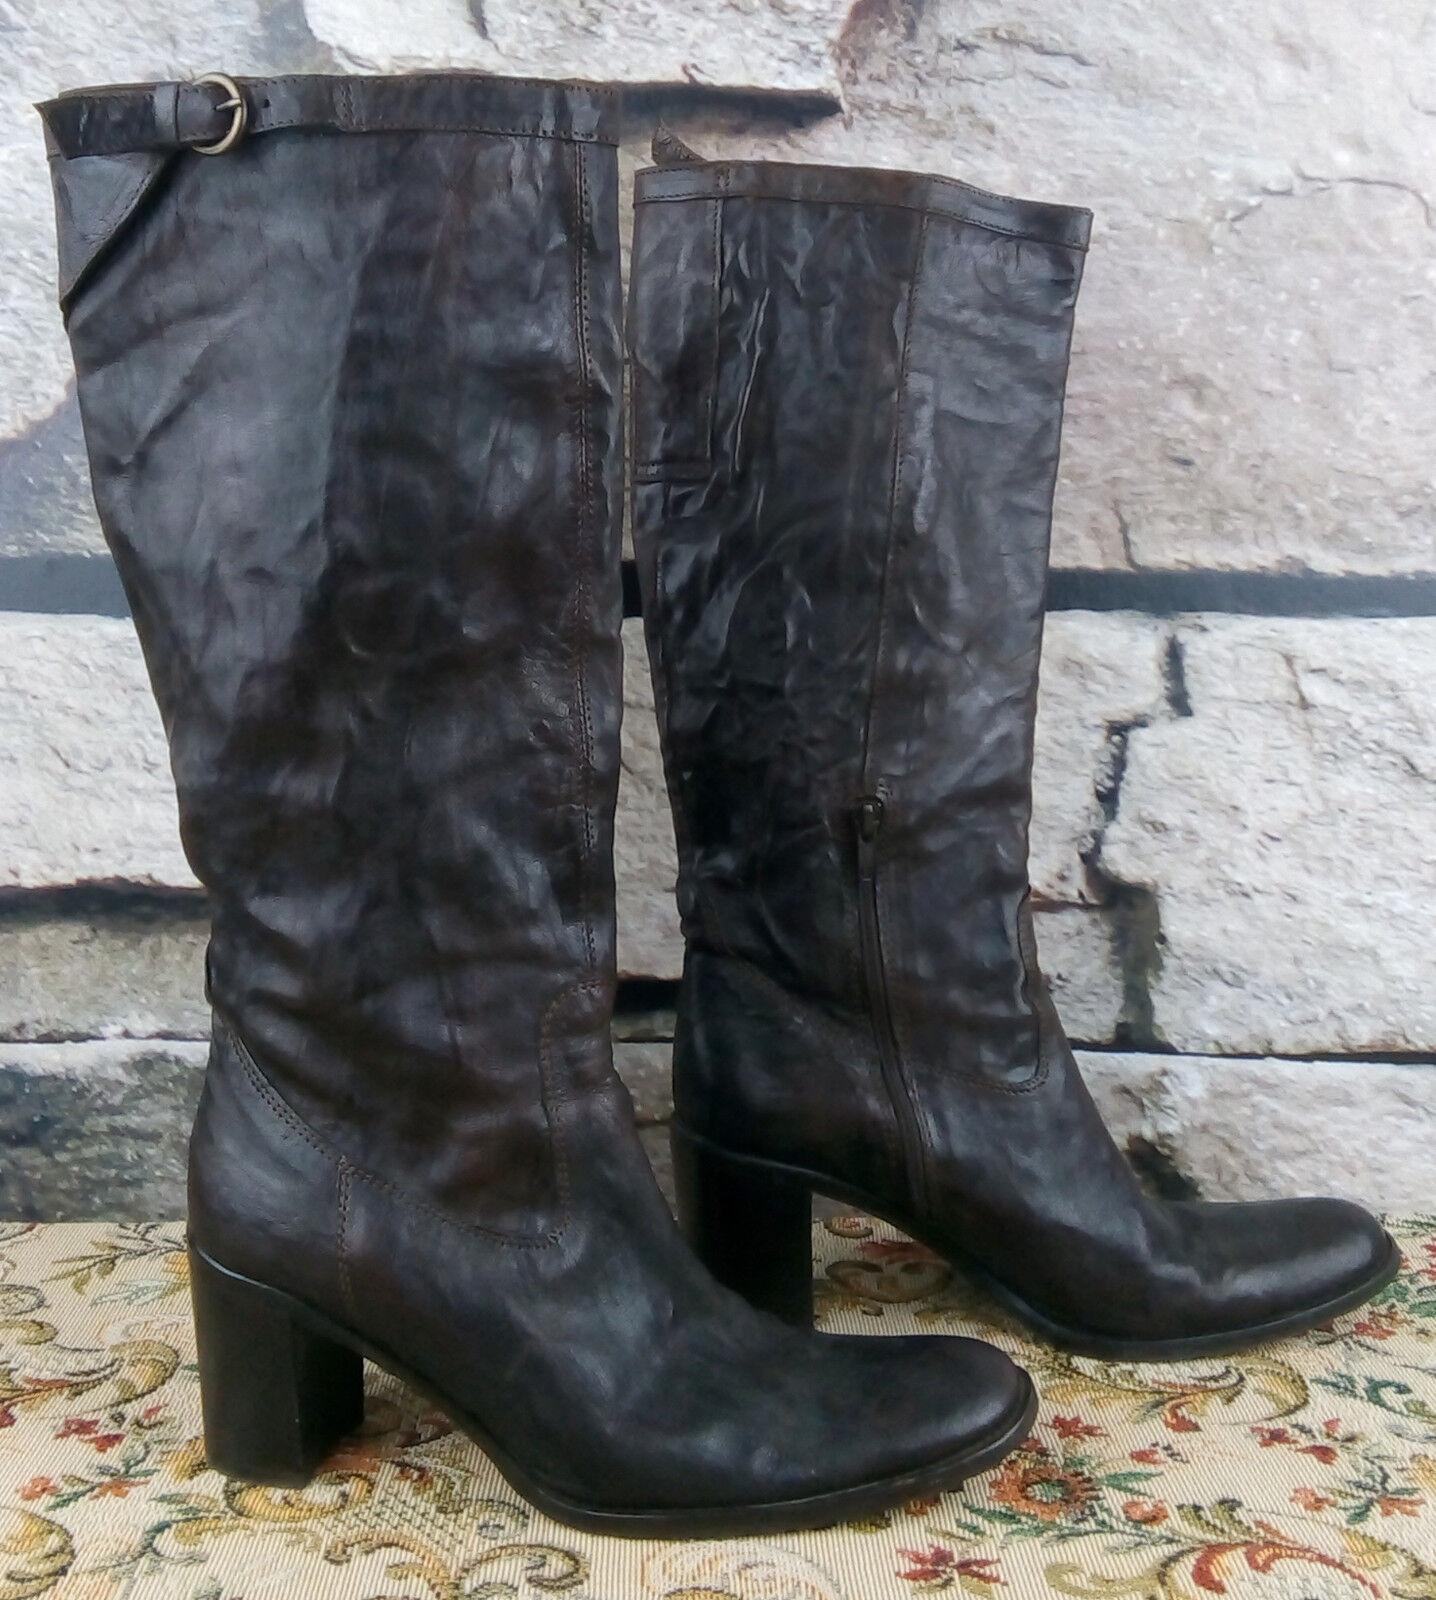 Frojo de la bretoniere señora talla 39 Super botas cuero f1 auténtico tacón alto botas  f1 cuero e066ea